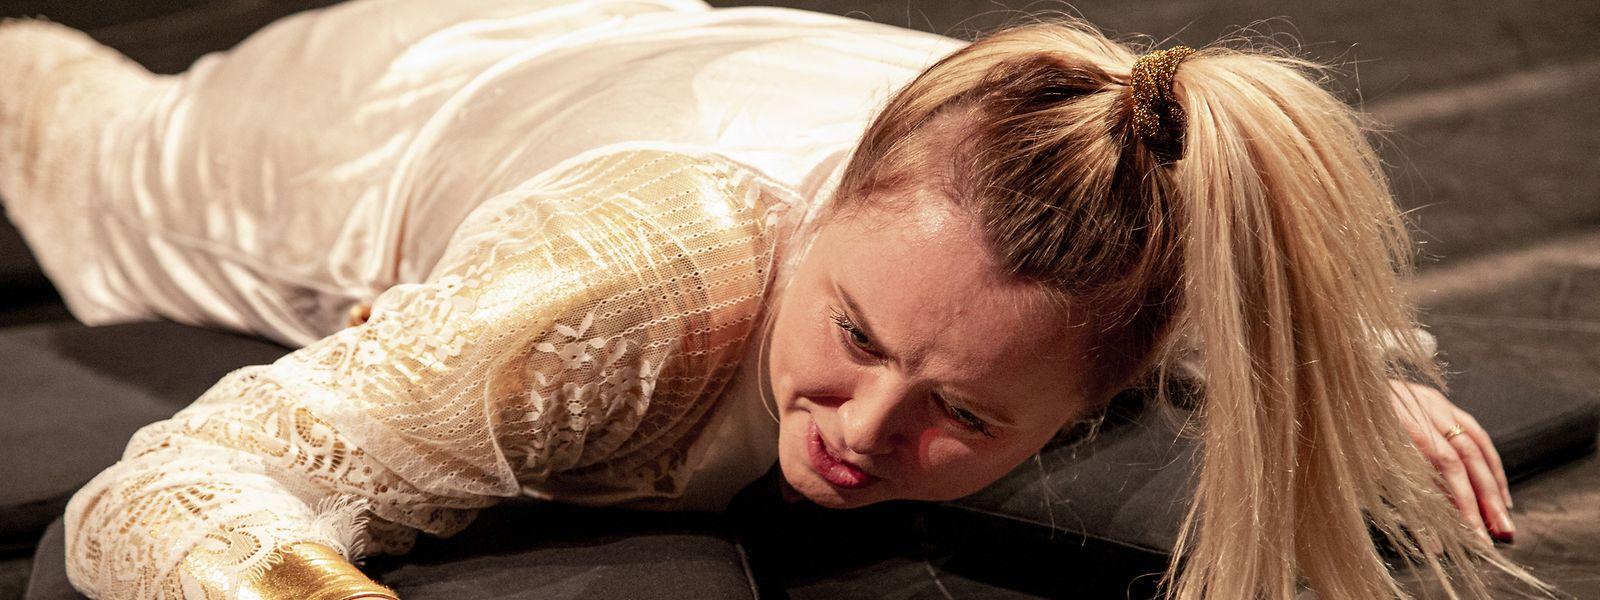 """Die dreiteilige Szenenfolge """"Nur Kinder, Küche, Kirche"""" – eine verkürzte Form von Dario Fos Original – inszeniert der Regisseur Florian Hackspiel mitten unter den Zuschauern und bringt so das Geschehen sehr nah an das Publikum in Bettemburg. Es spielen Rosalie Maes (Foto)  und ihre Kollegin aus Trier, Friedrike Majerczyk."""